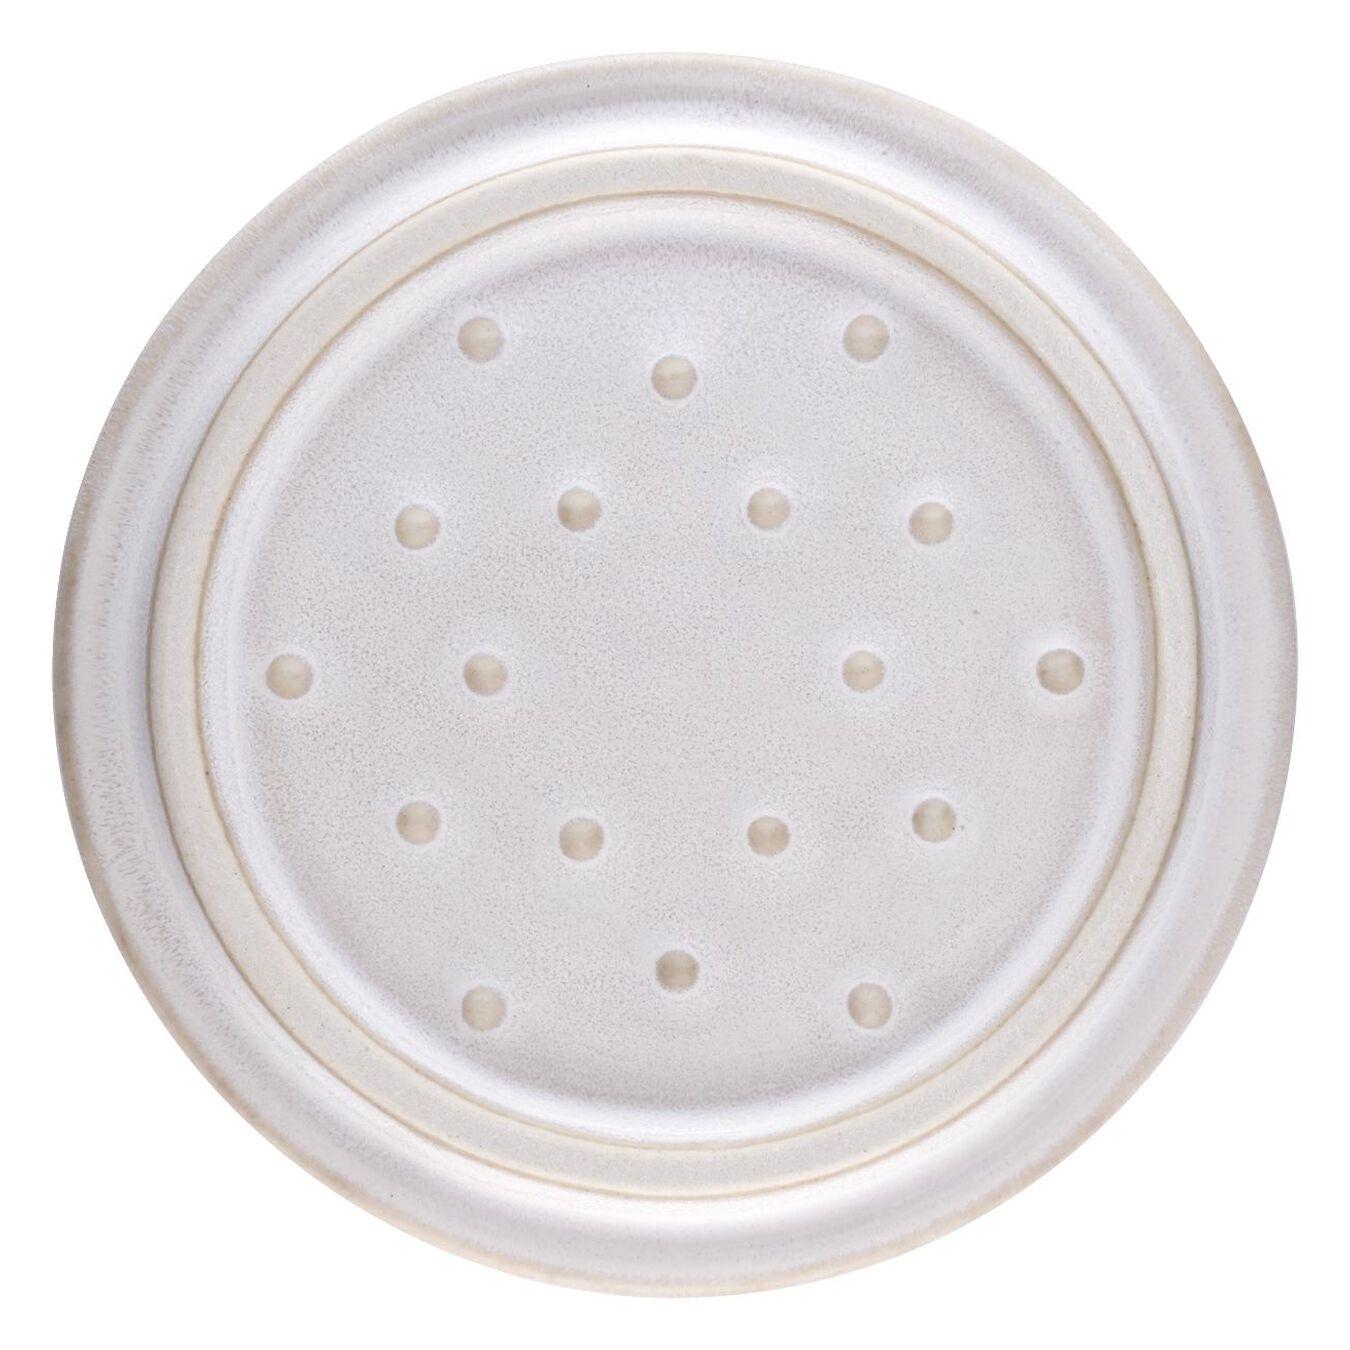 Mini Cocotte 10 cm, Rond(e), Blanc ivoire, Céramique,,large 3